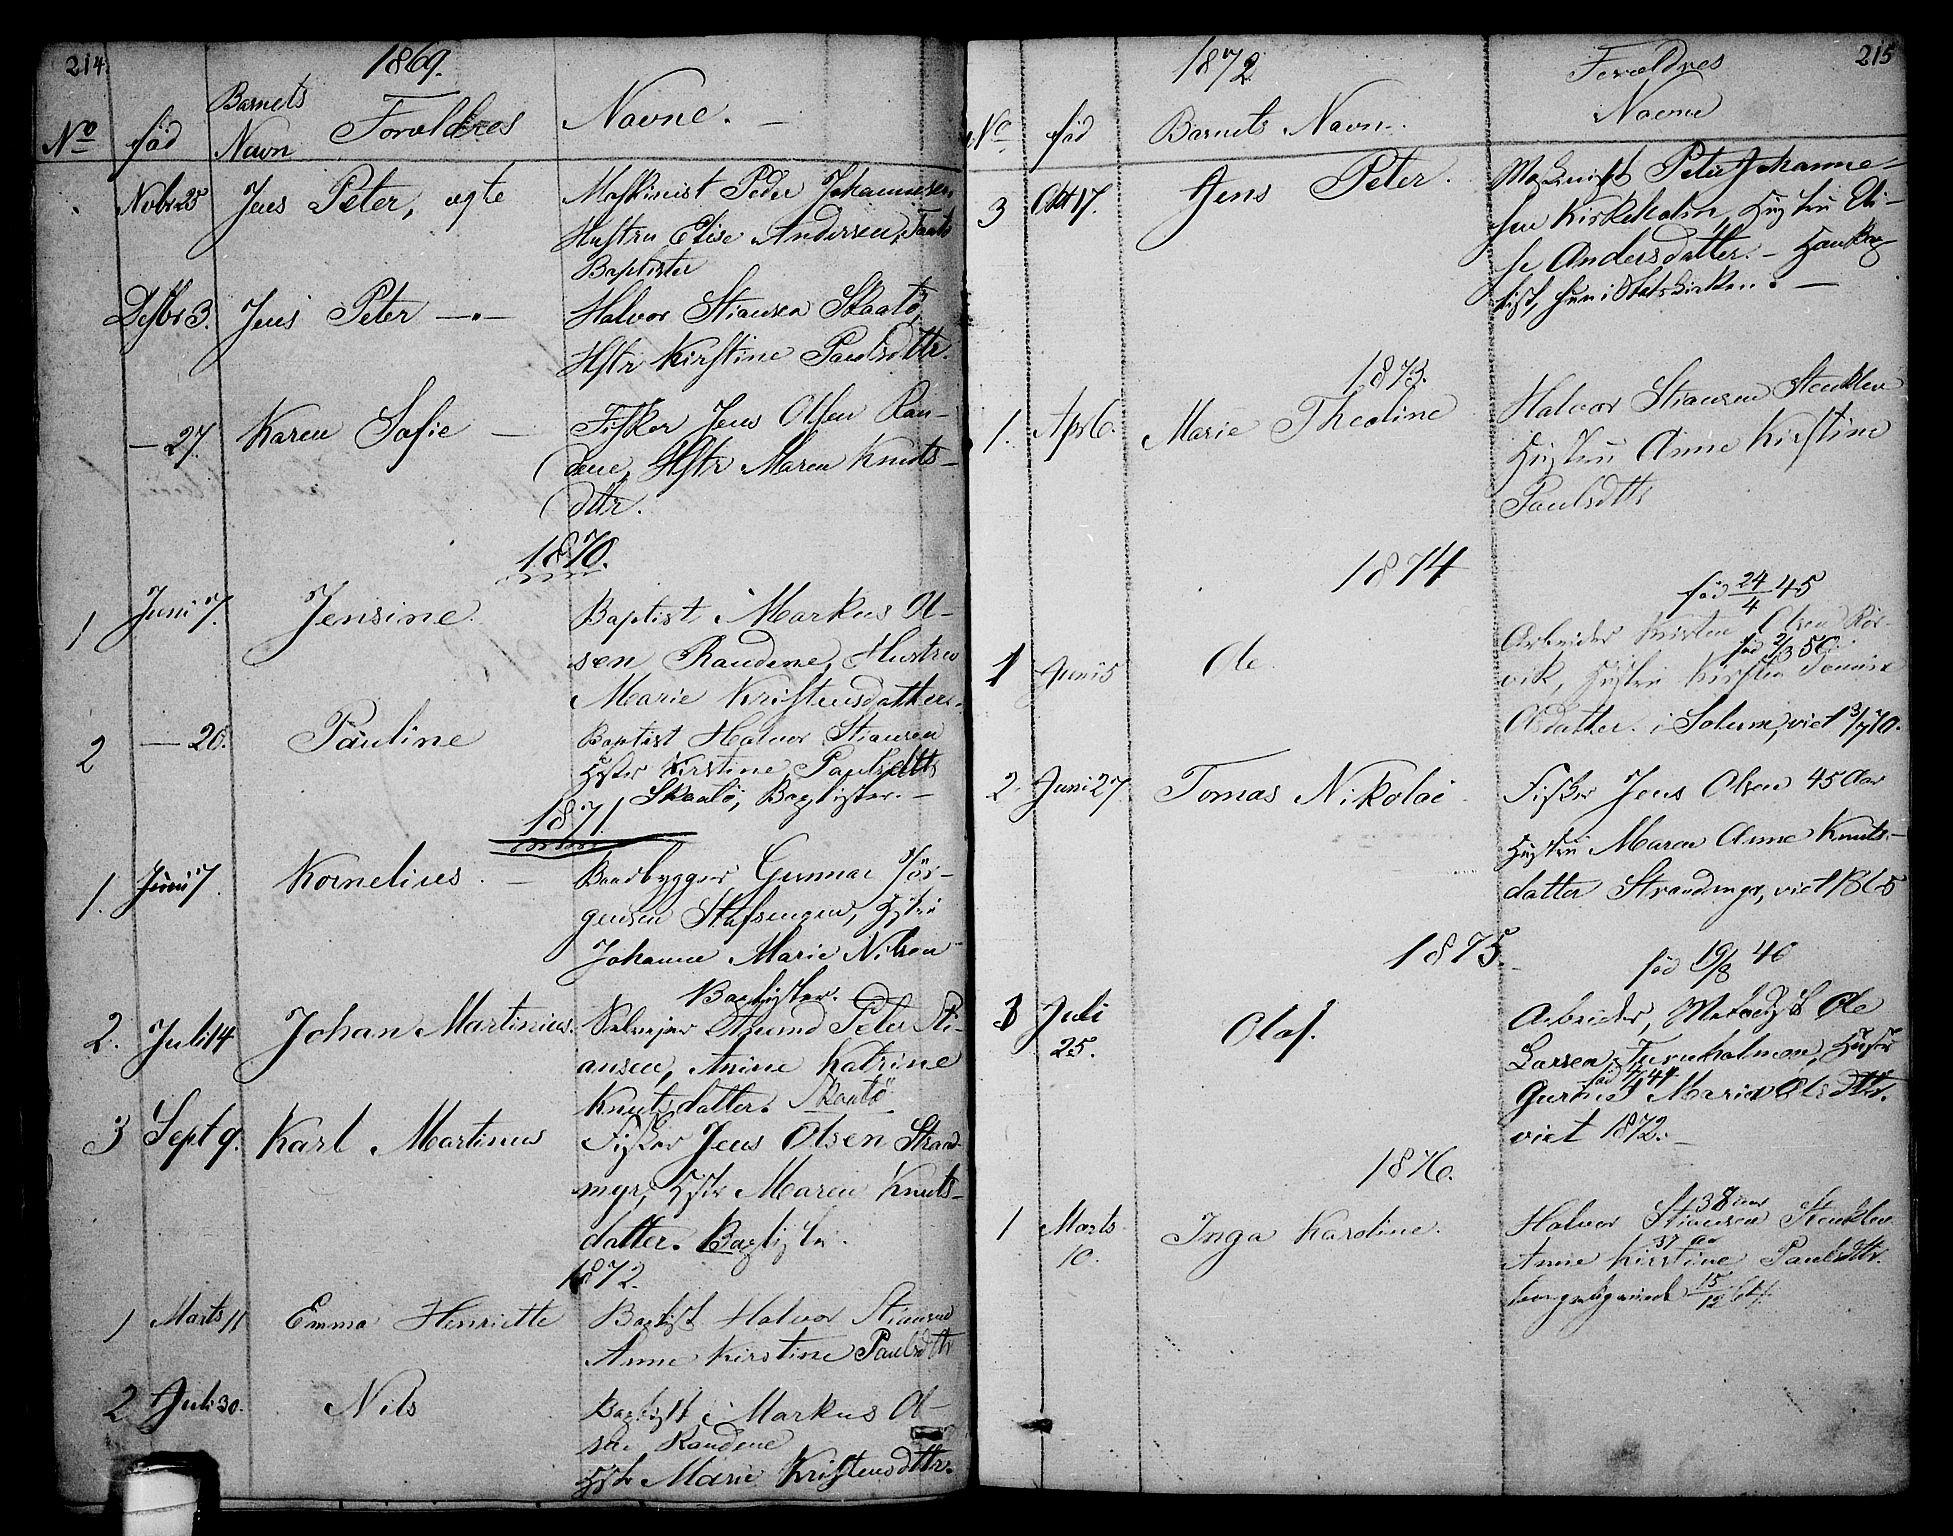 SAKO, Sannidal kirkebøker, F/Fa/L0003: Ministerialbok nr. 3, 1803-1813, s. 214-215